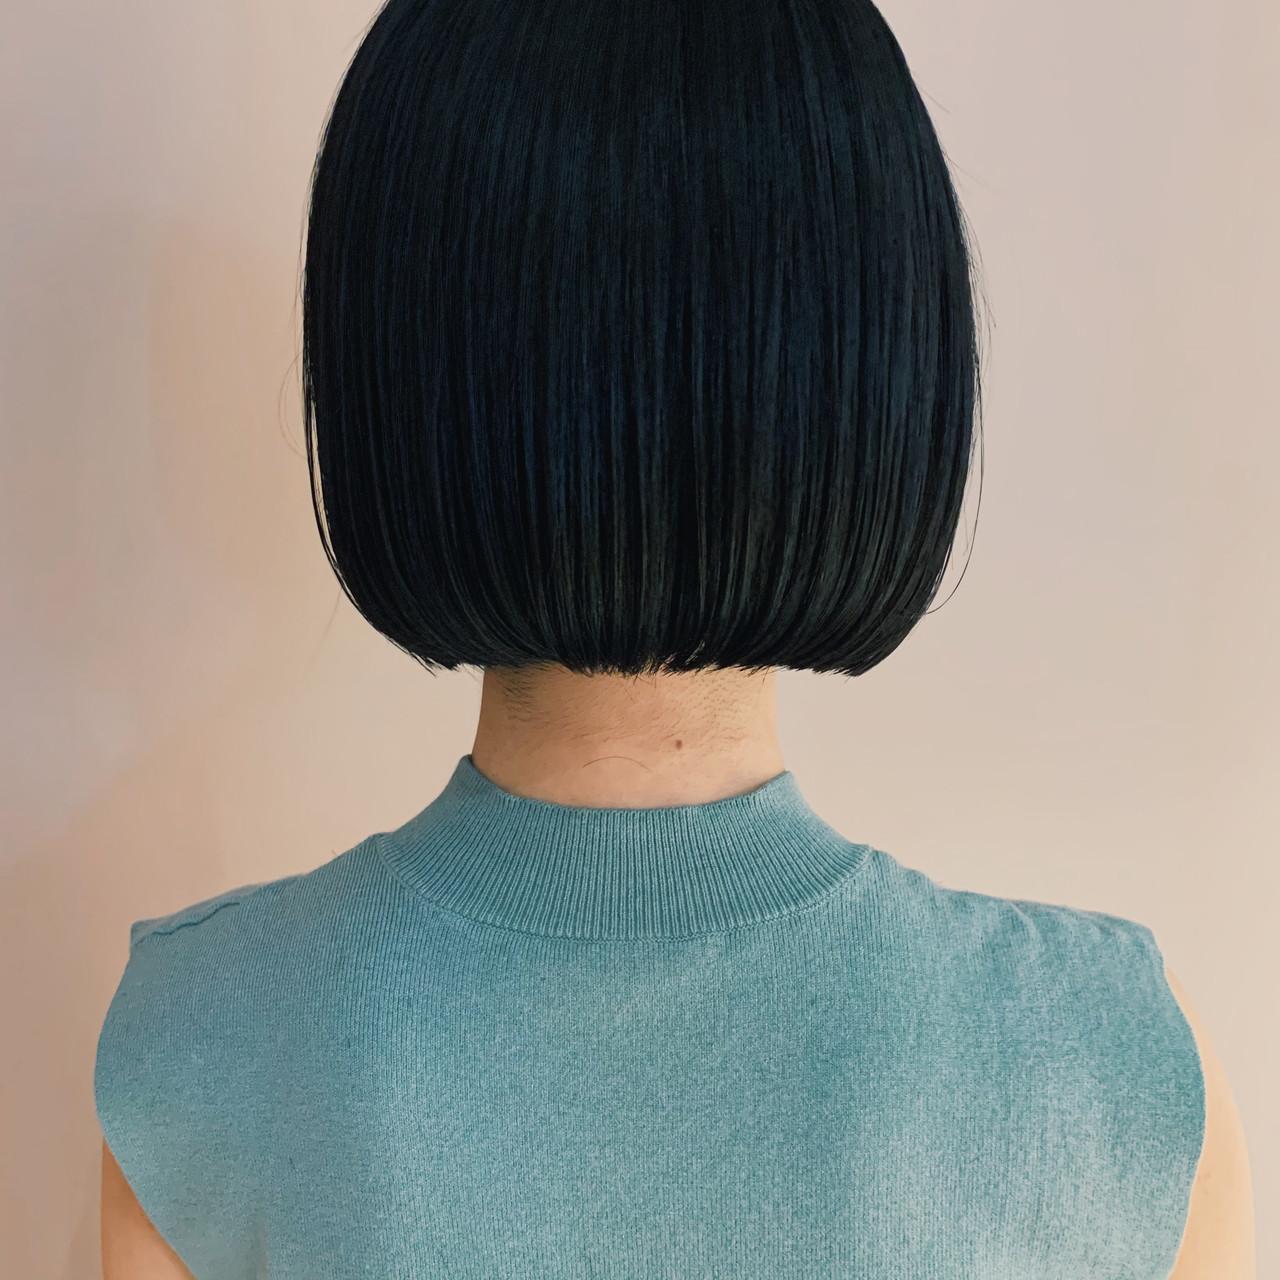 ショートボブ 暗髪 ミニボブ ナチュラルヘアスタイルや髪型の写真・画像